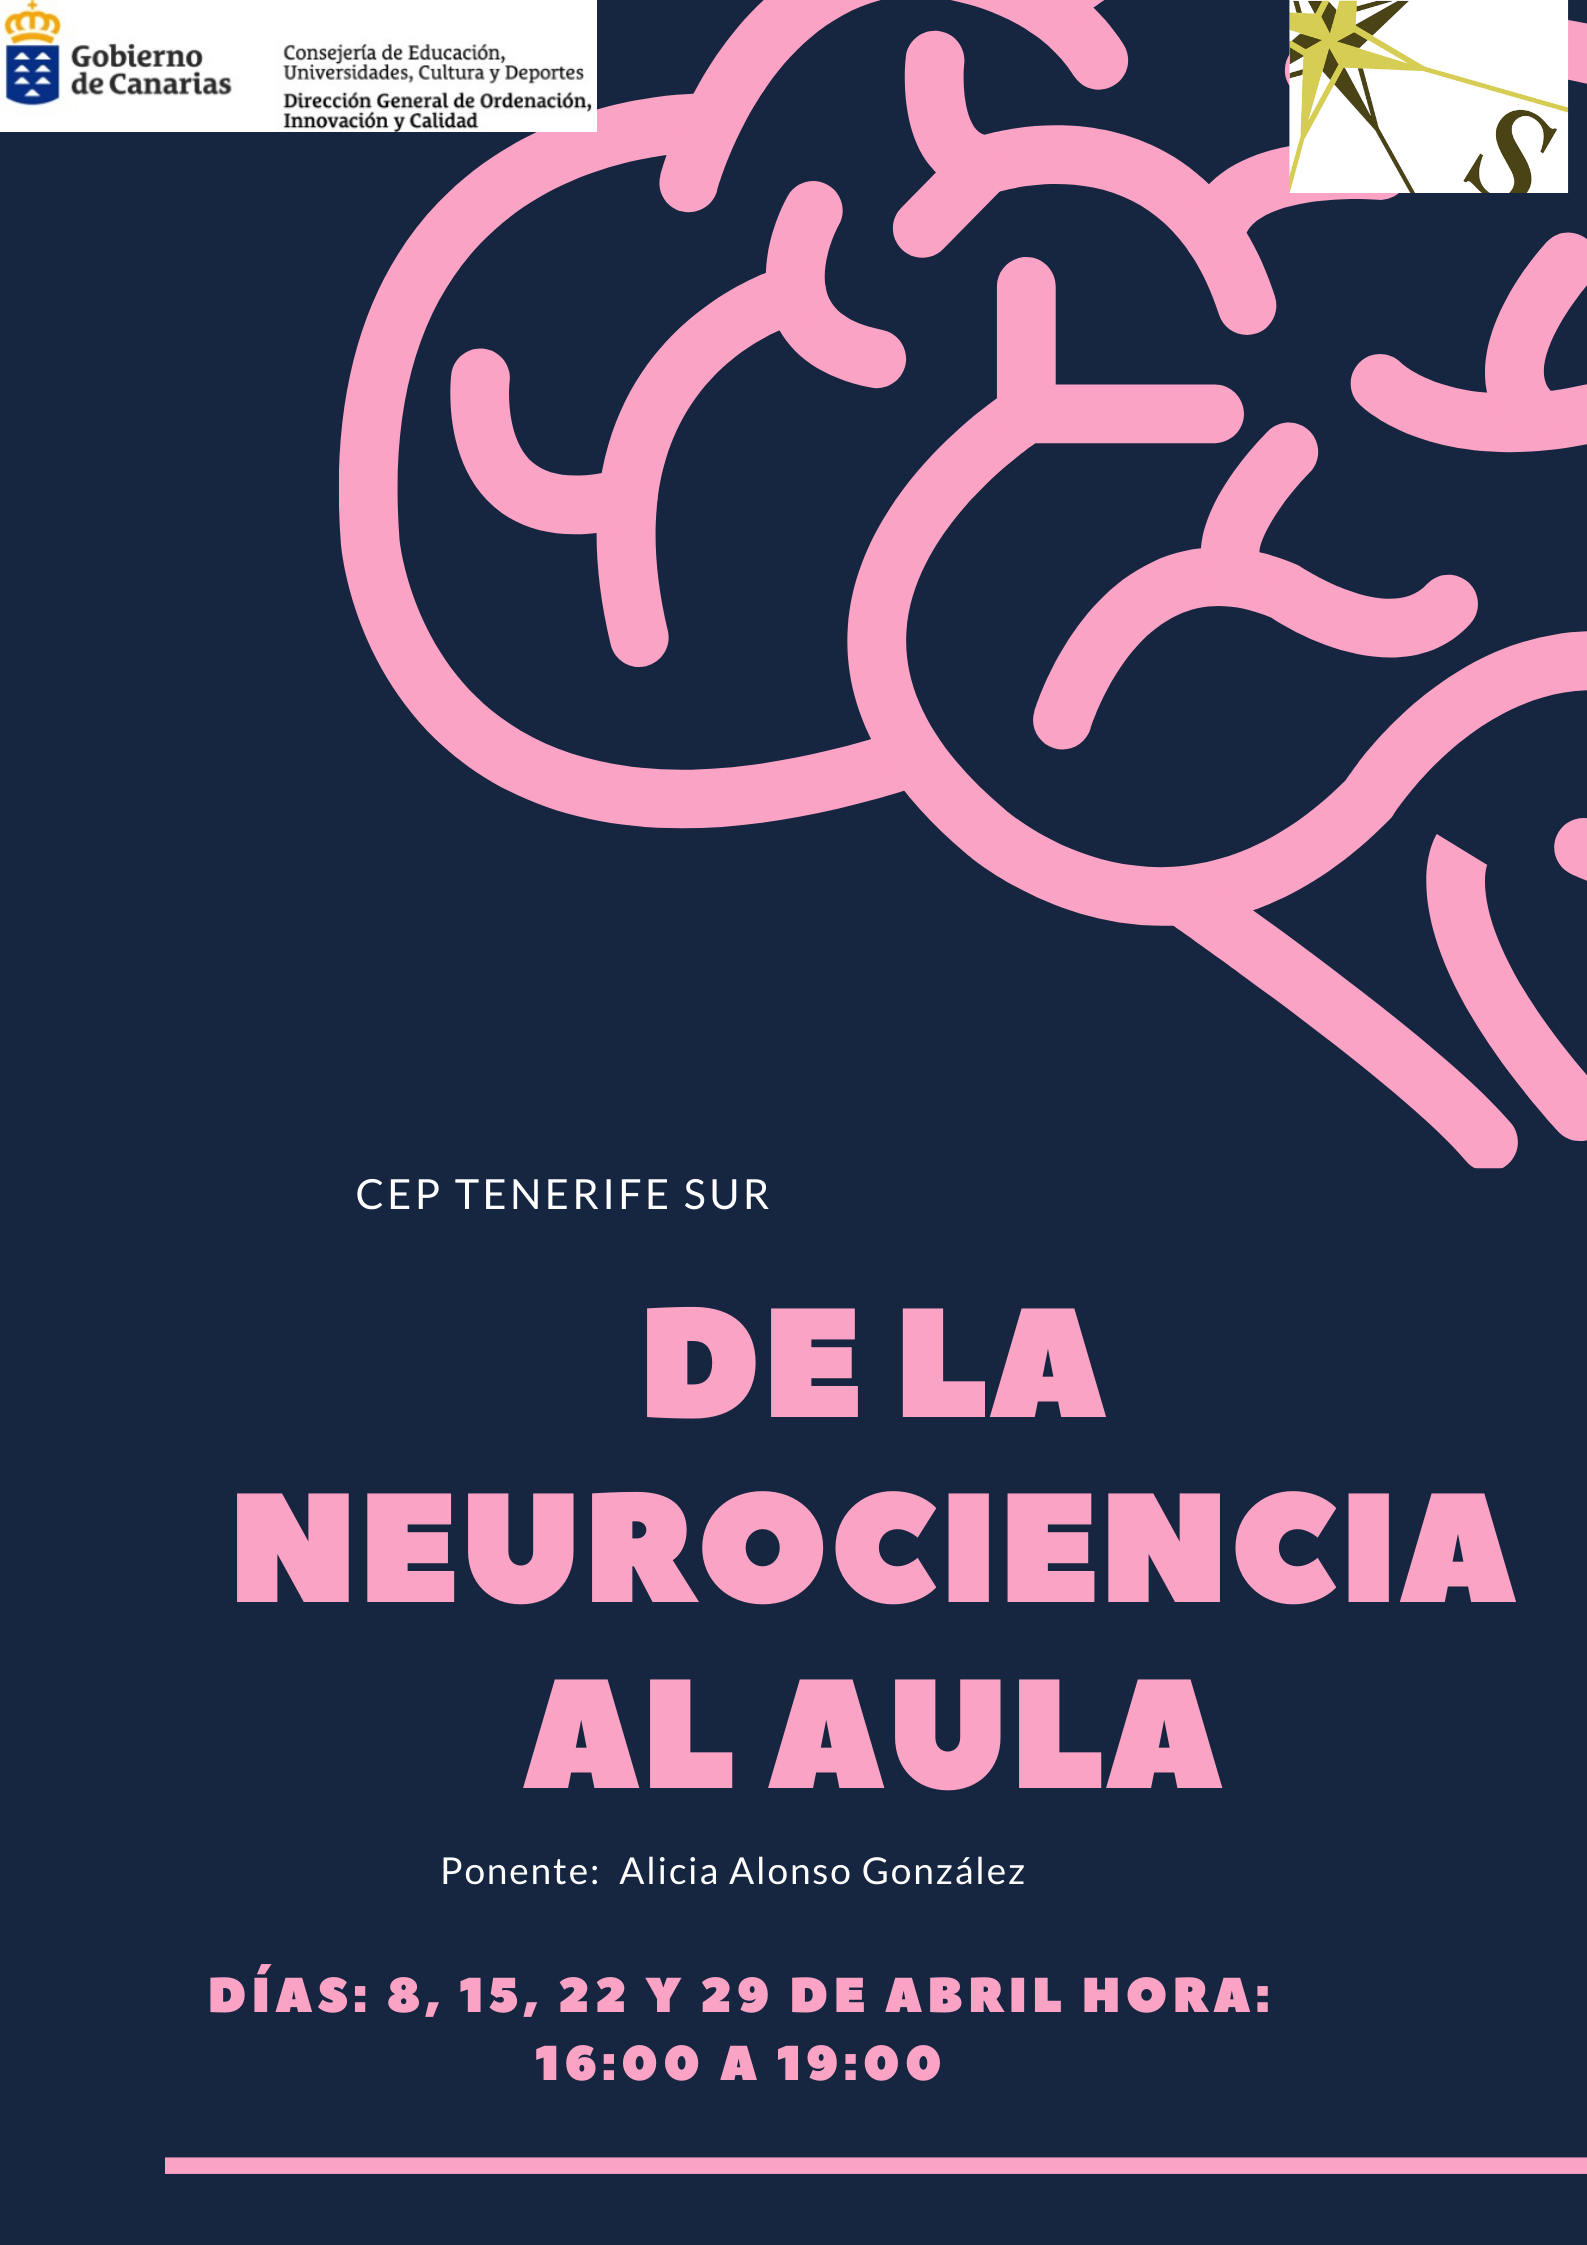 CURSO: DE LA NEUROCIENCIA AL AULA